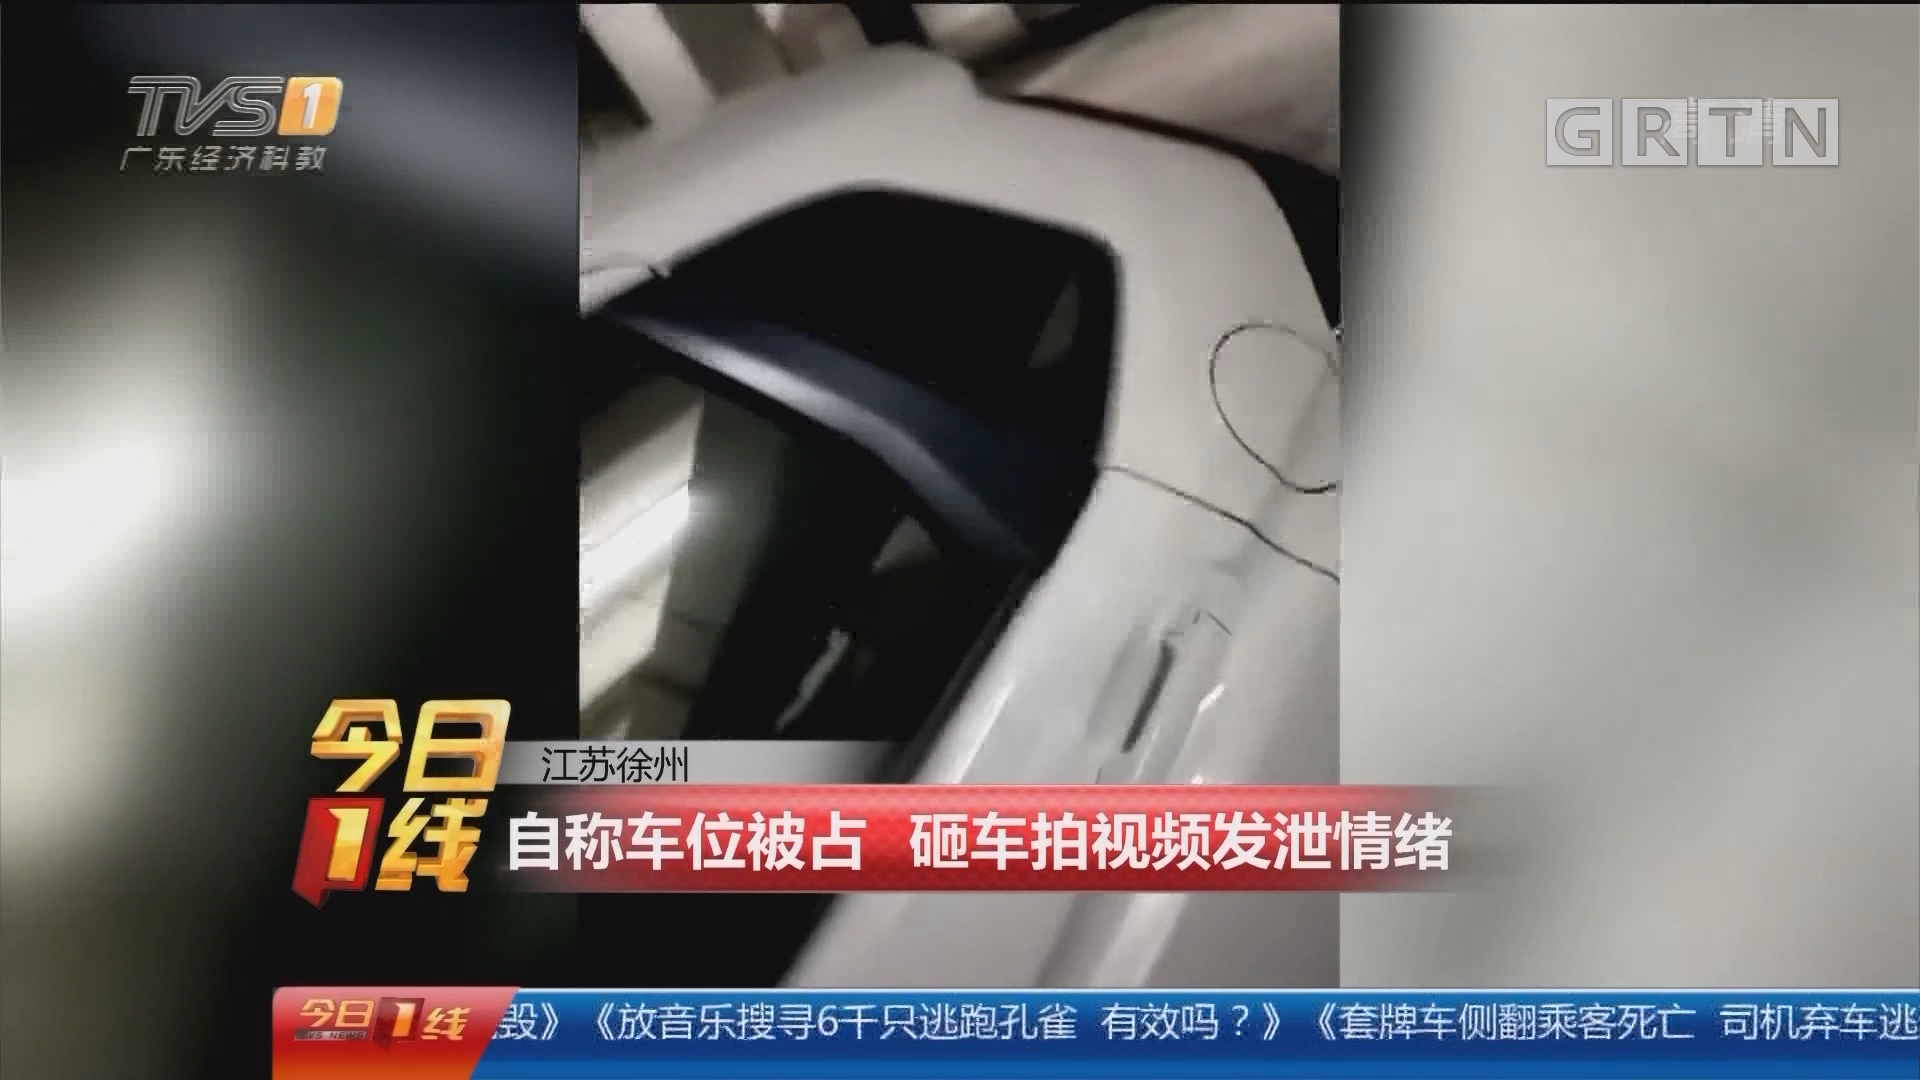 江苏徐州:自称车位被占 砸车拍视频发泄情绪